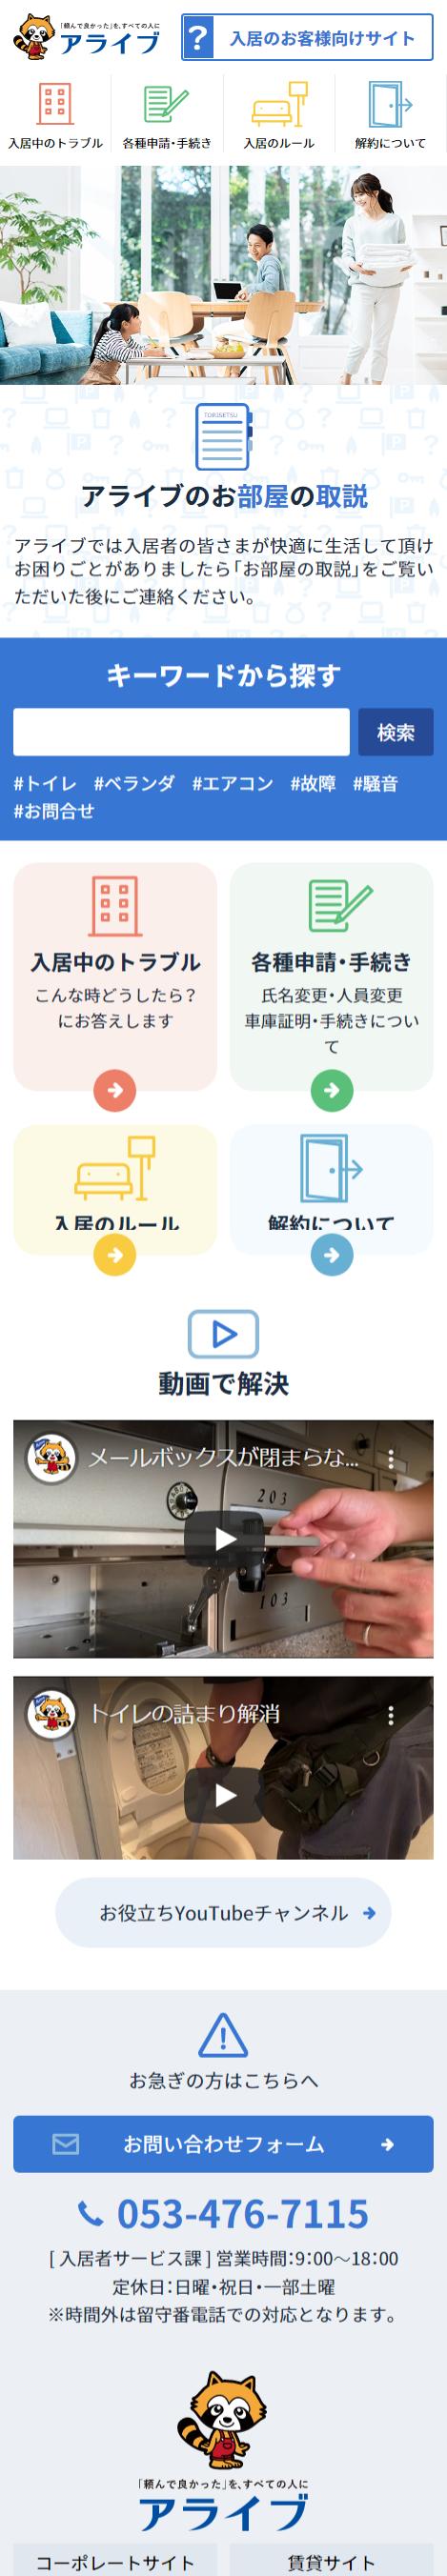 株式会社アライブ様 入居のお客様向けサイト